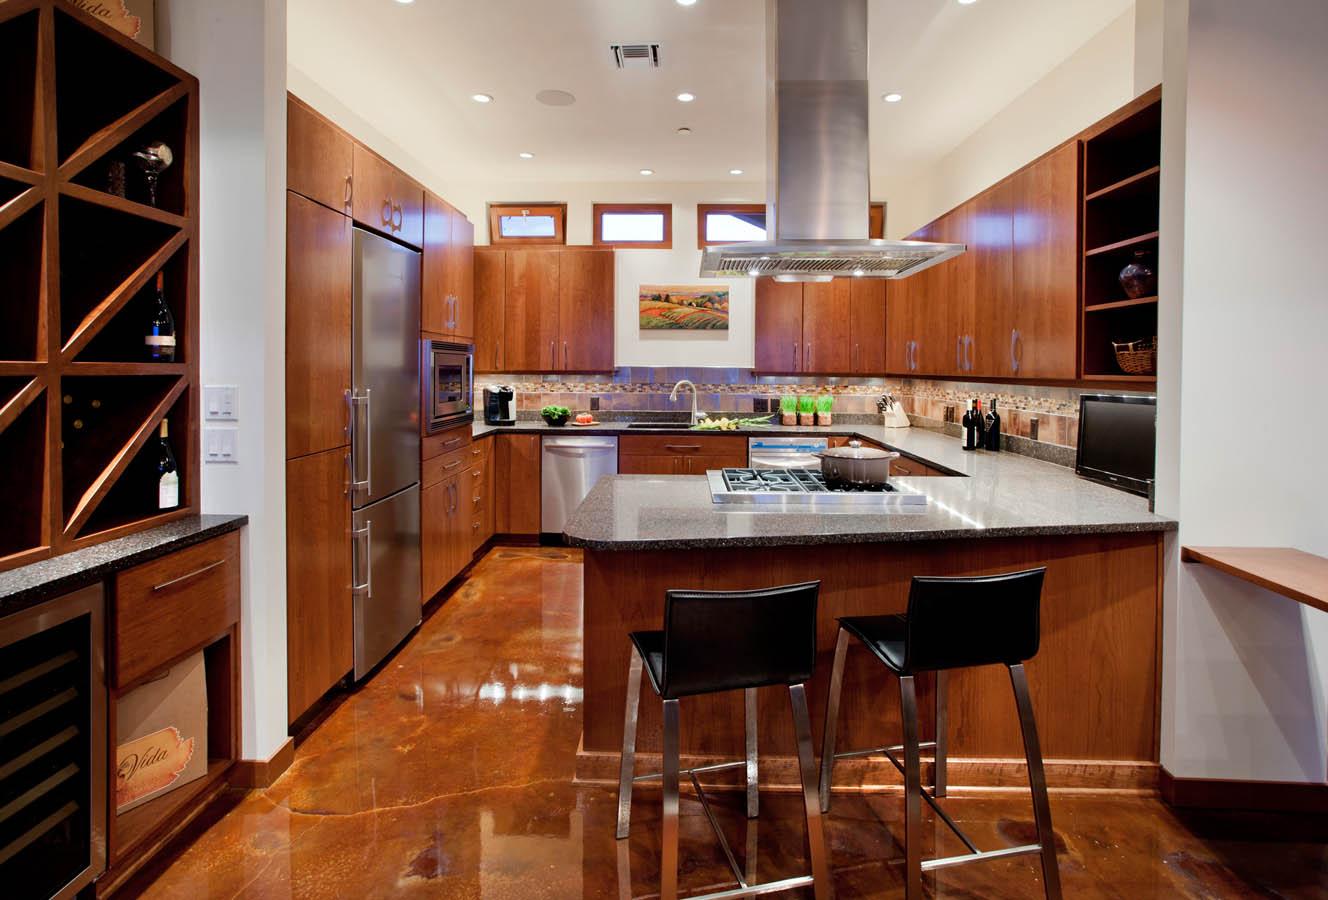 Northwest-Contemporary kitchen concept